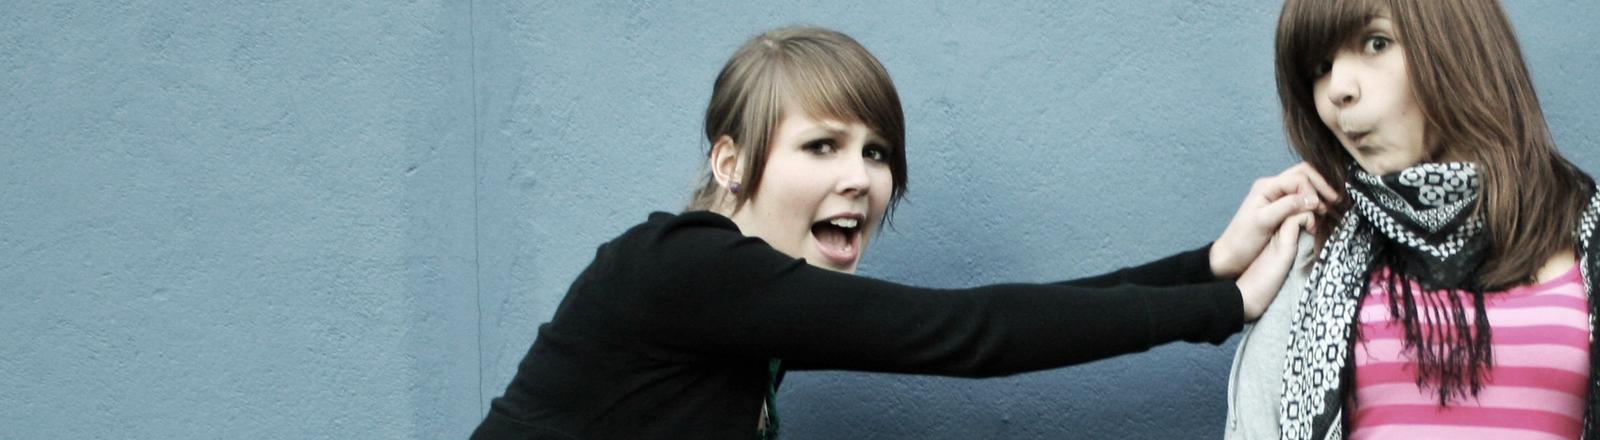 Eine junge Frau schiebt ihre Freundin aus dem Bild, die verzieht das Gesicht zu einer lustigen Grimasse.